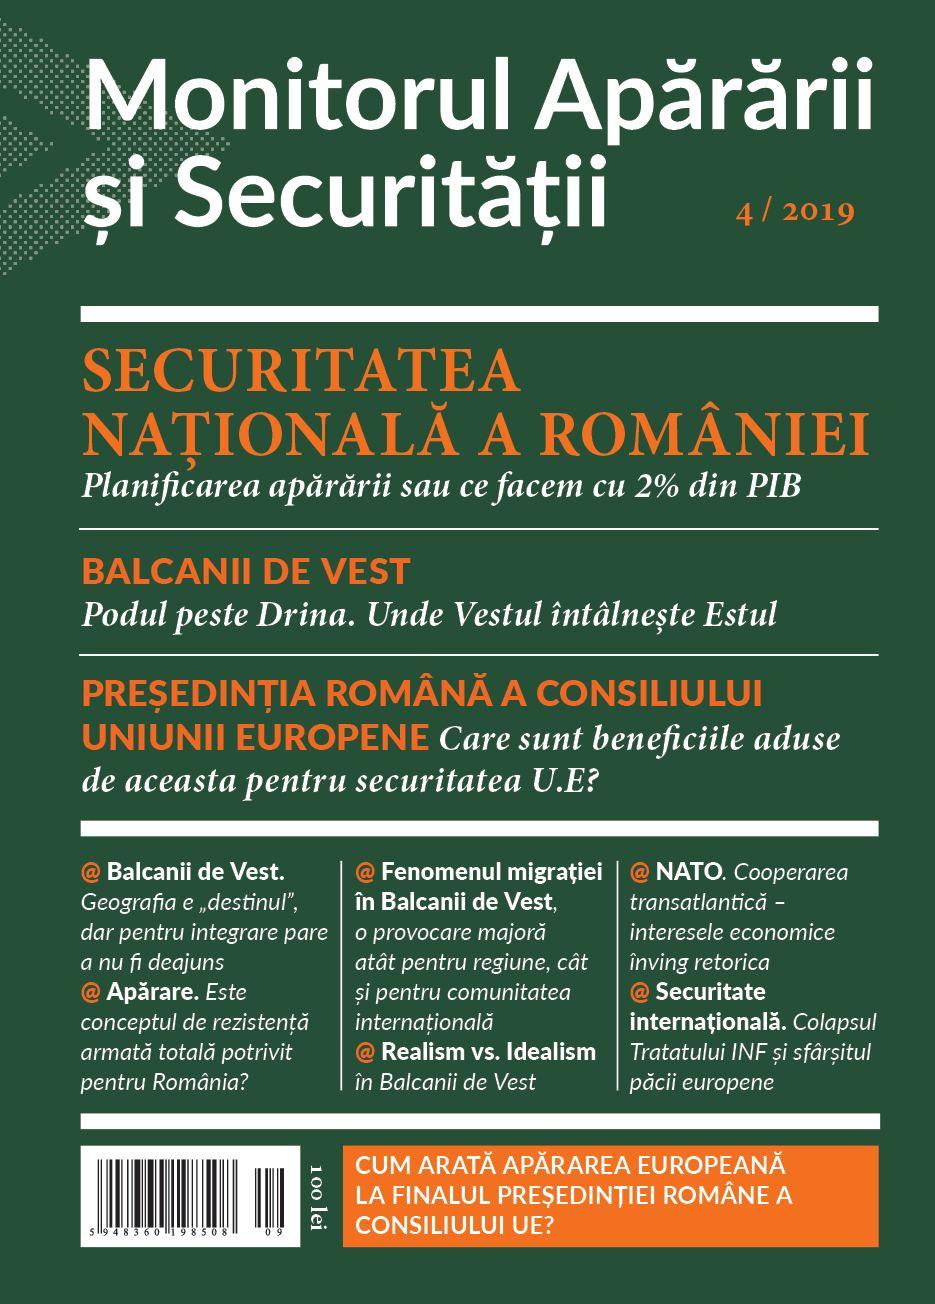 Monitorul Apararii si Securitatii 4/2019